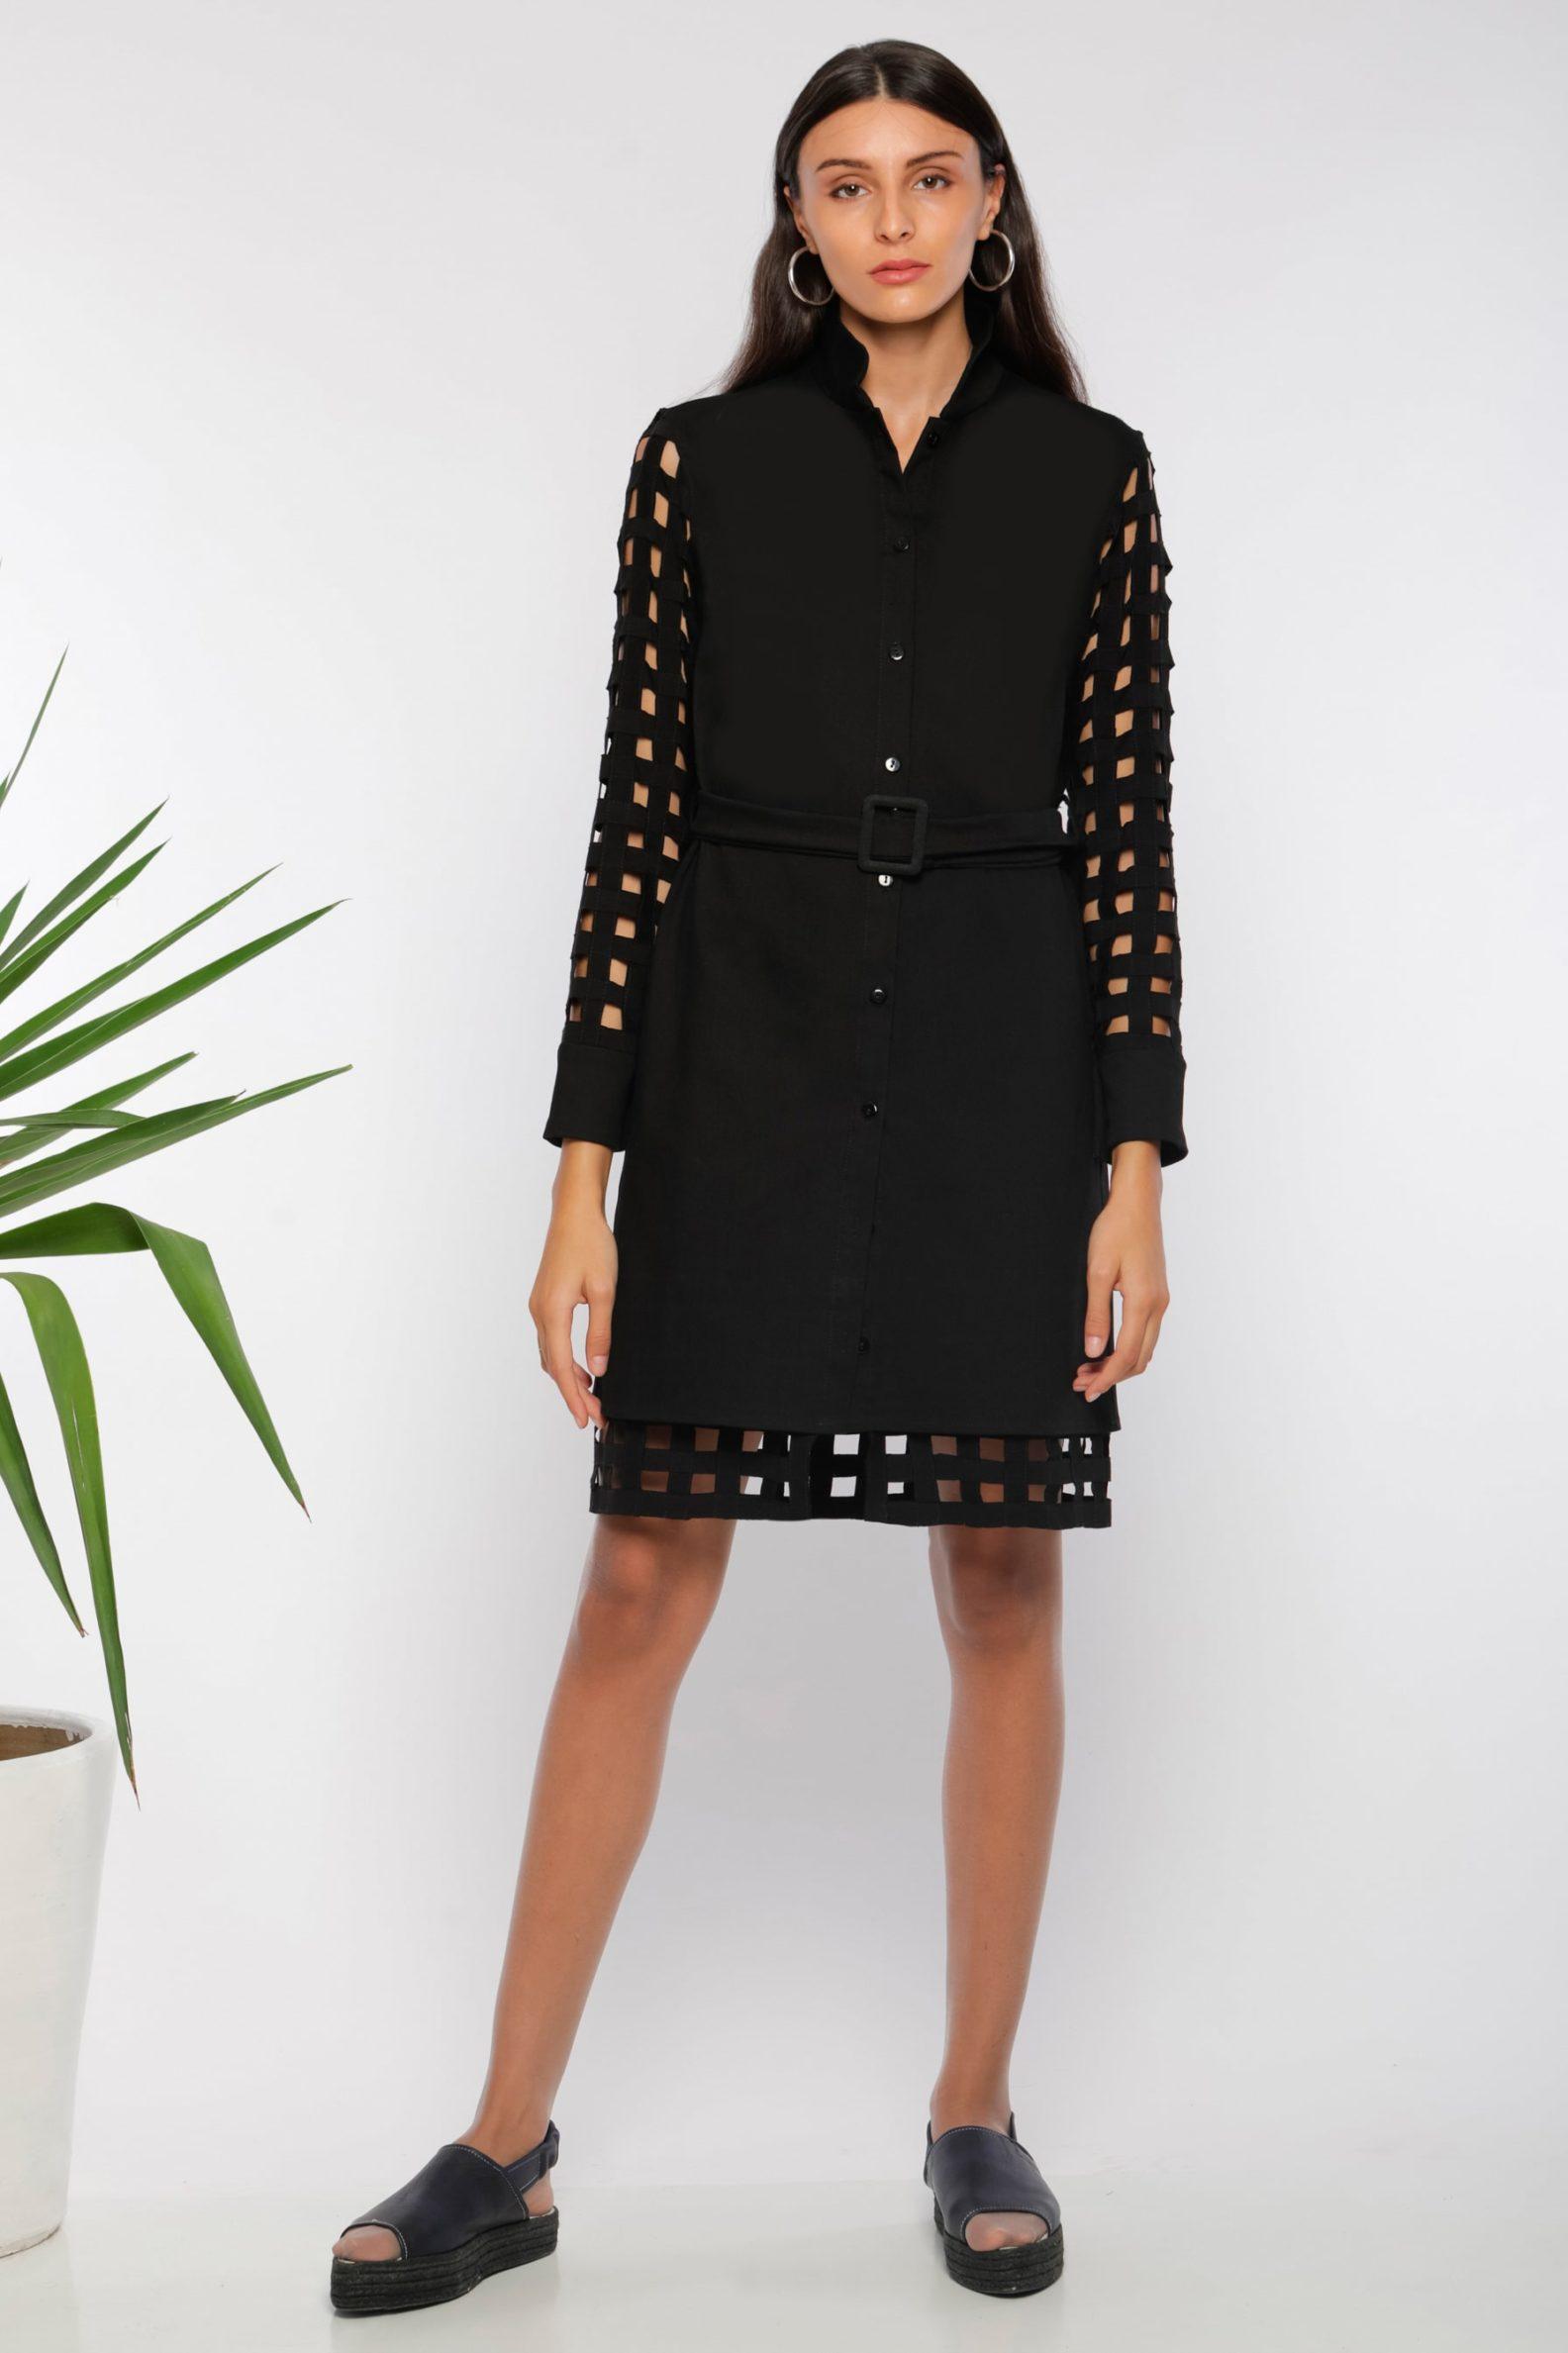 Robe chemise ajourée I En denim noir et coton I Anissa Aïda I Vue de face I Label AÉ Paris